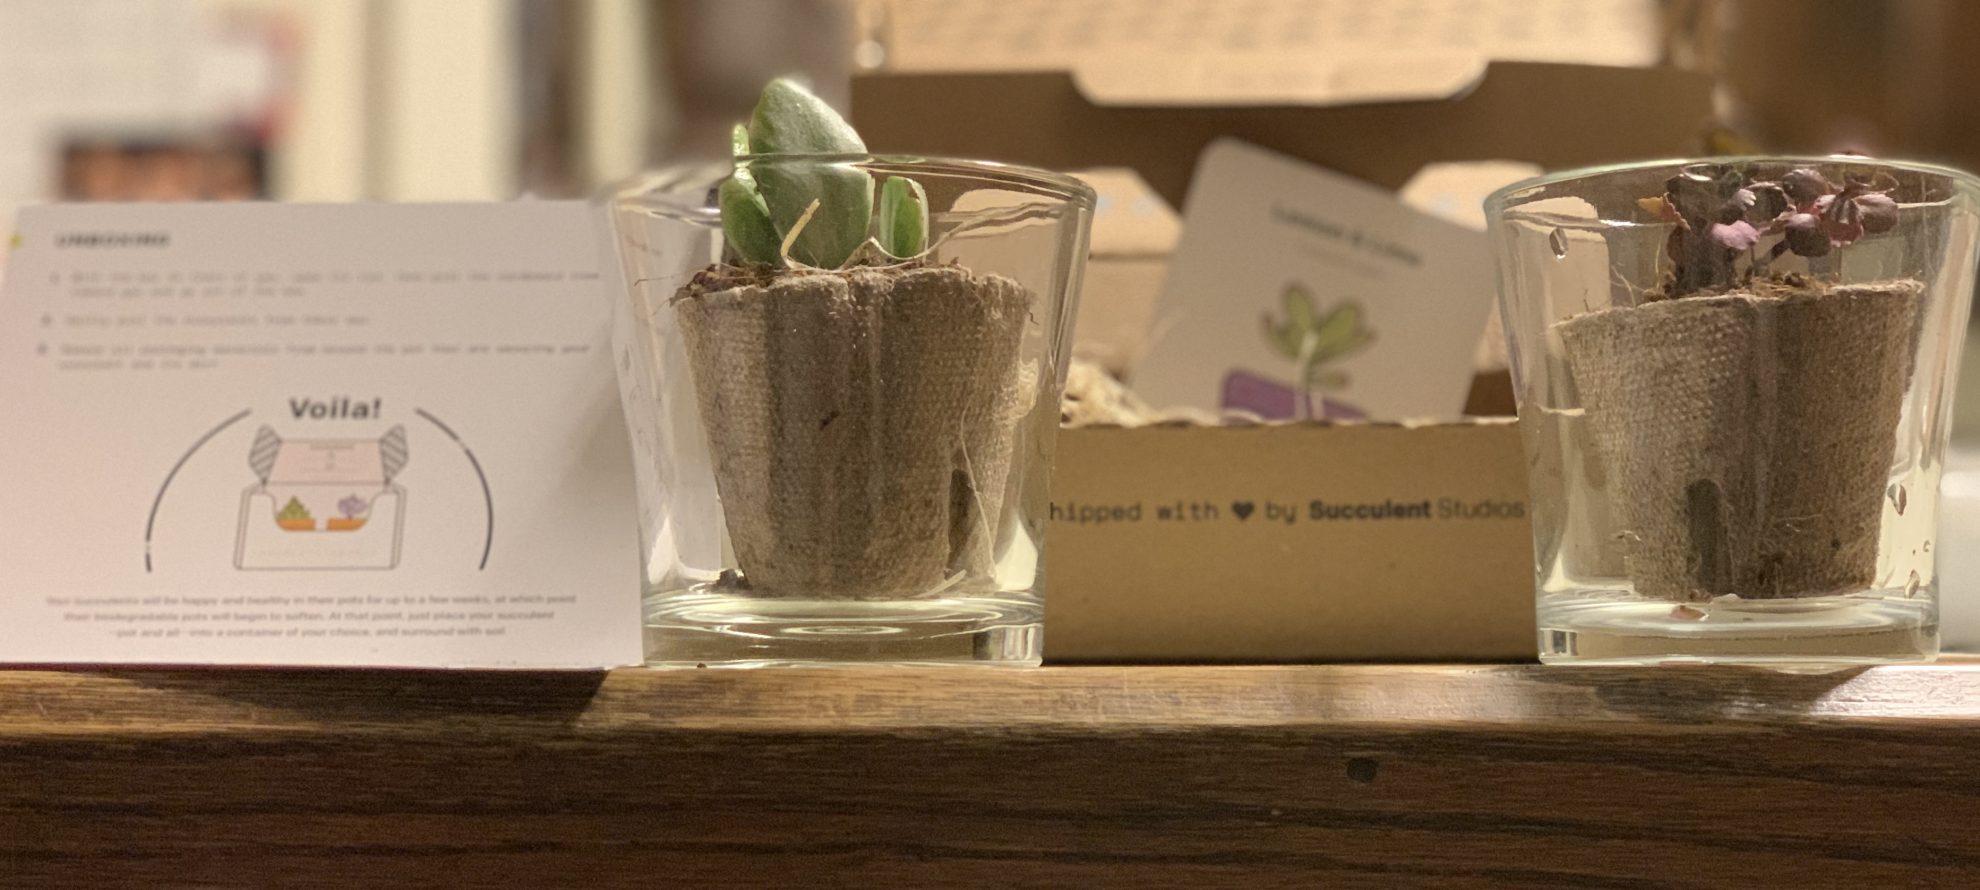 Get Crafty with this DIY Terrarium